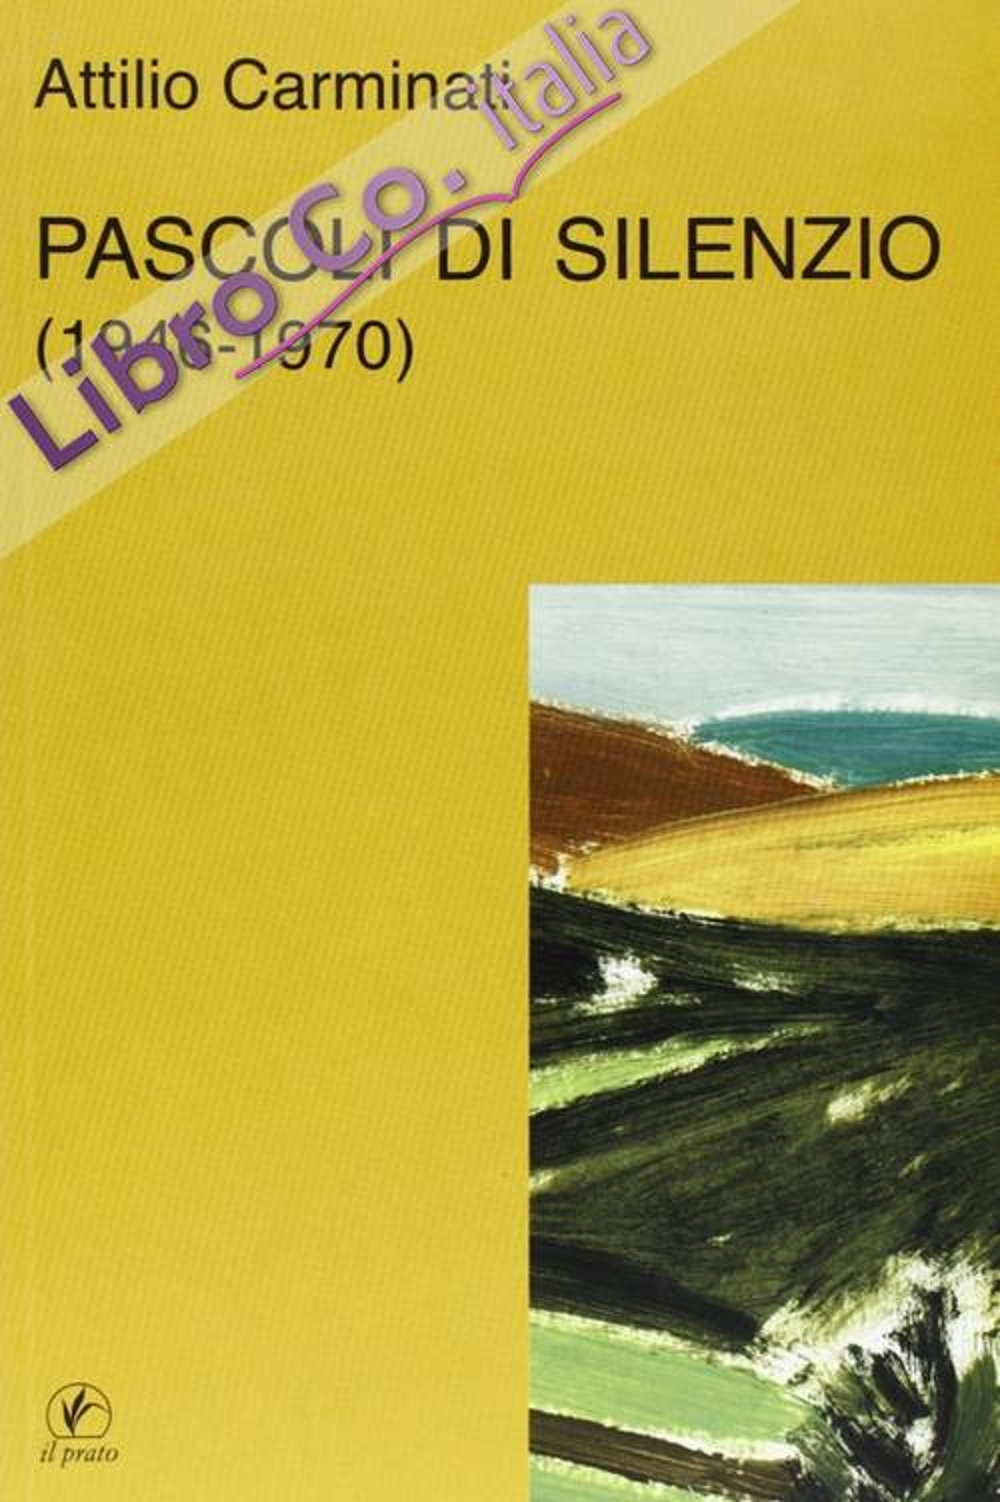 Pascoli di silenzio (1946-1970)